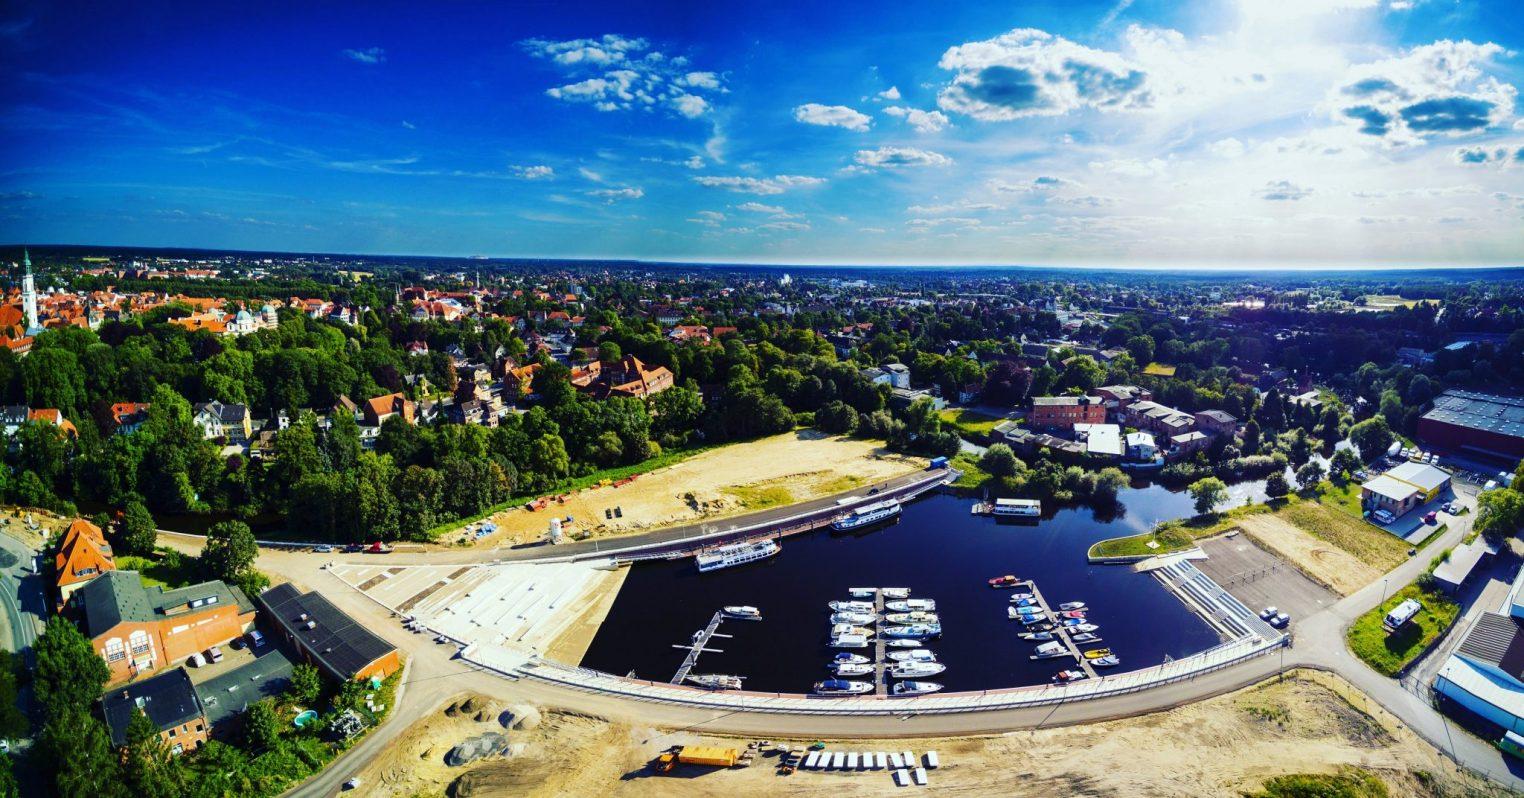 Hafen Celle von oben